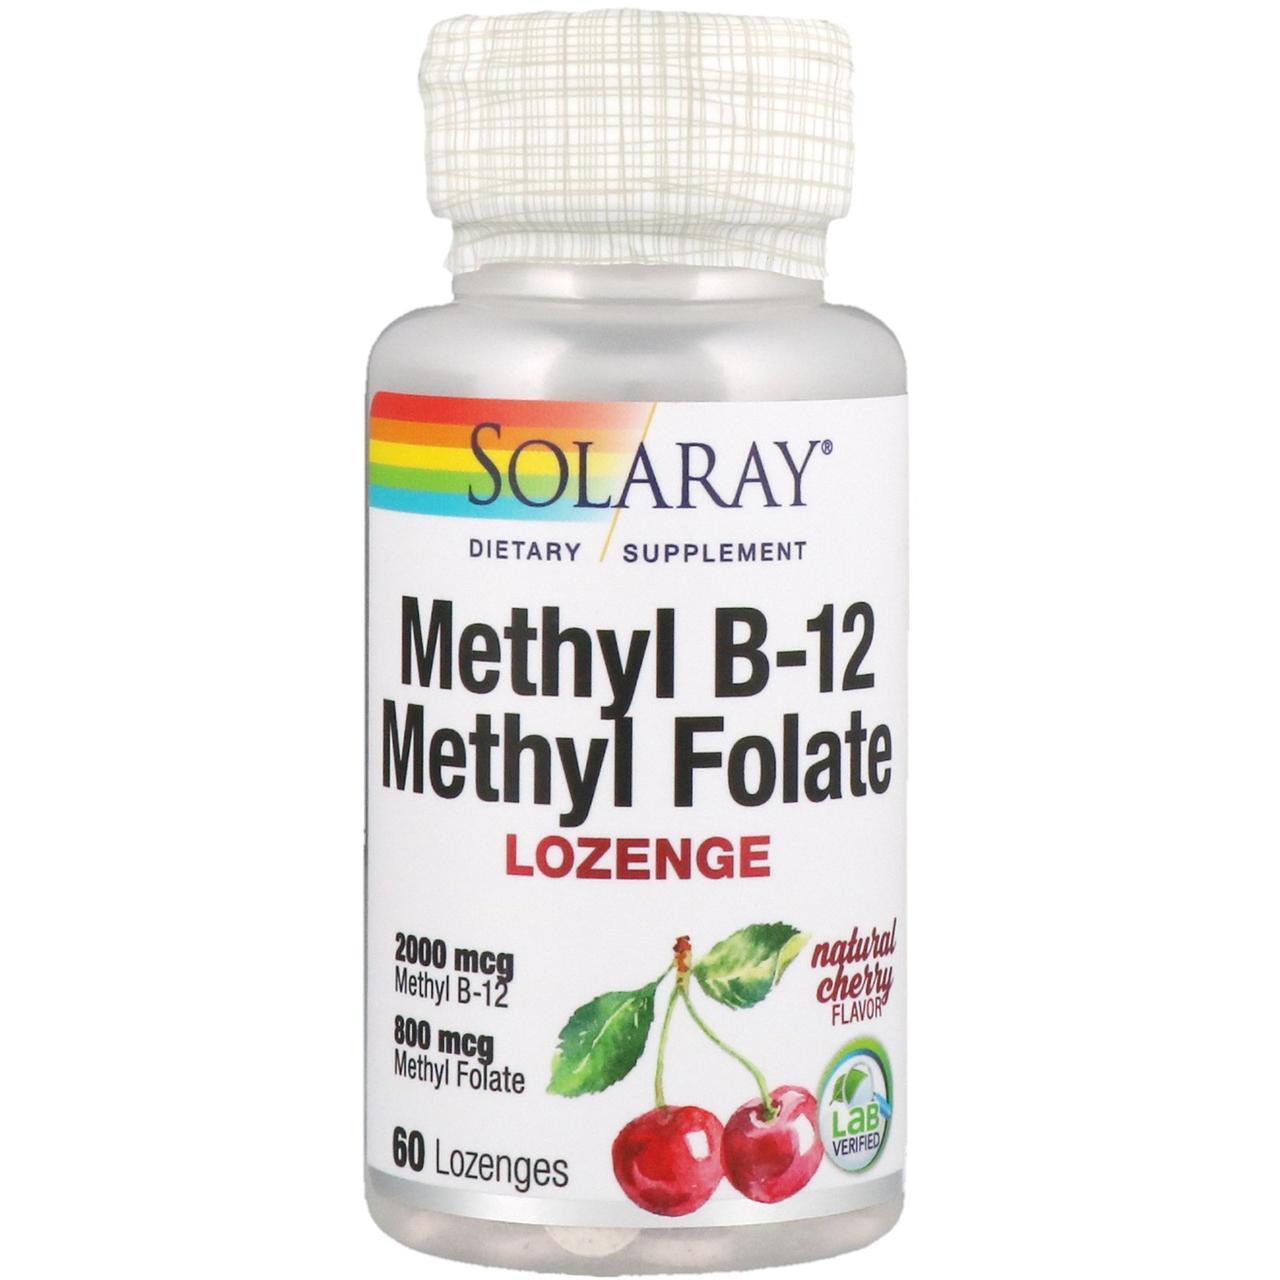 Витамин B-12 Solaray, Метилфолат, натуральный вишневый вкус, 60 леденцов